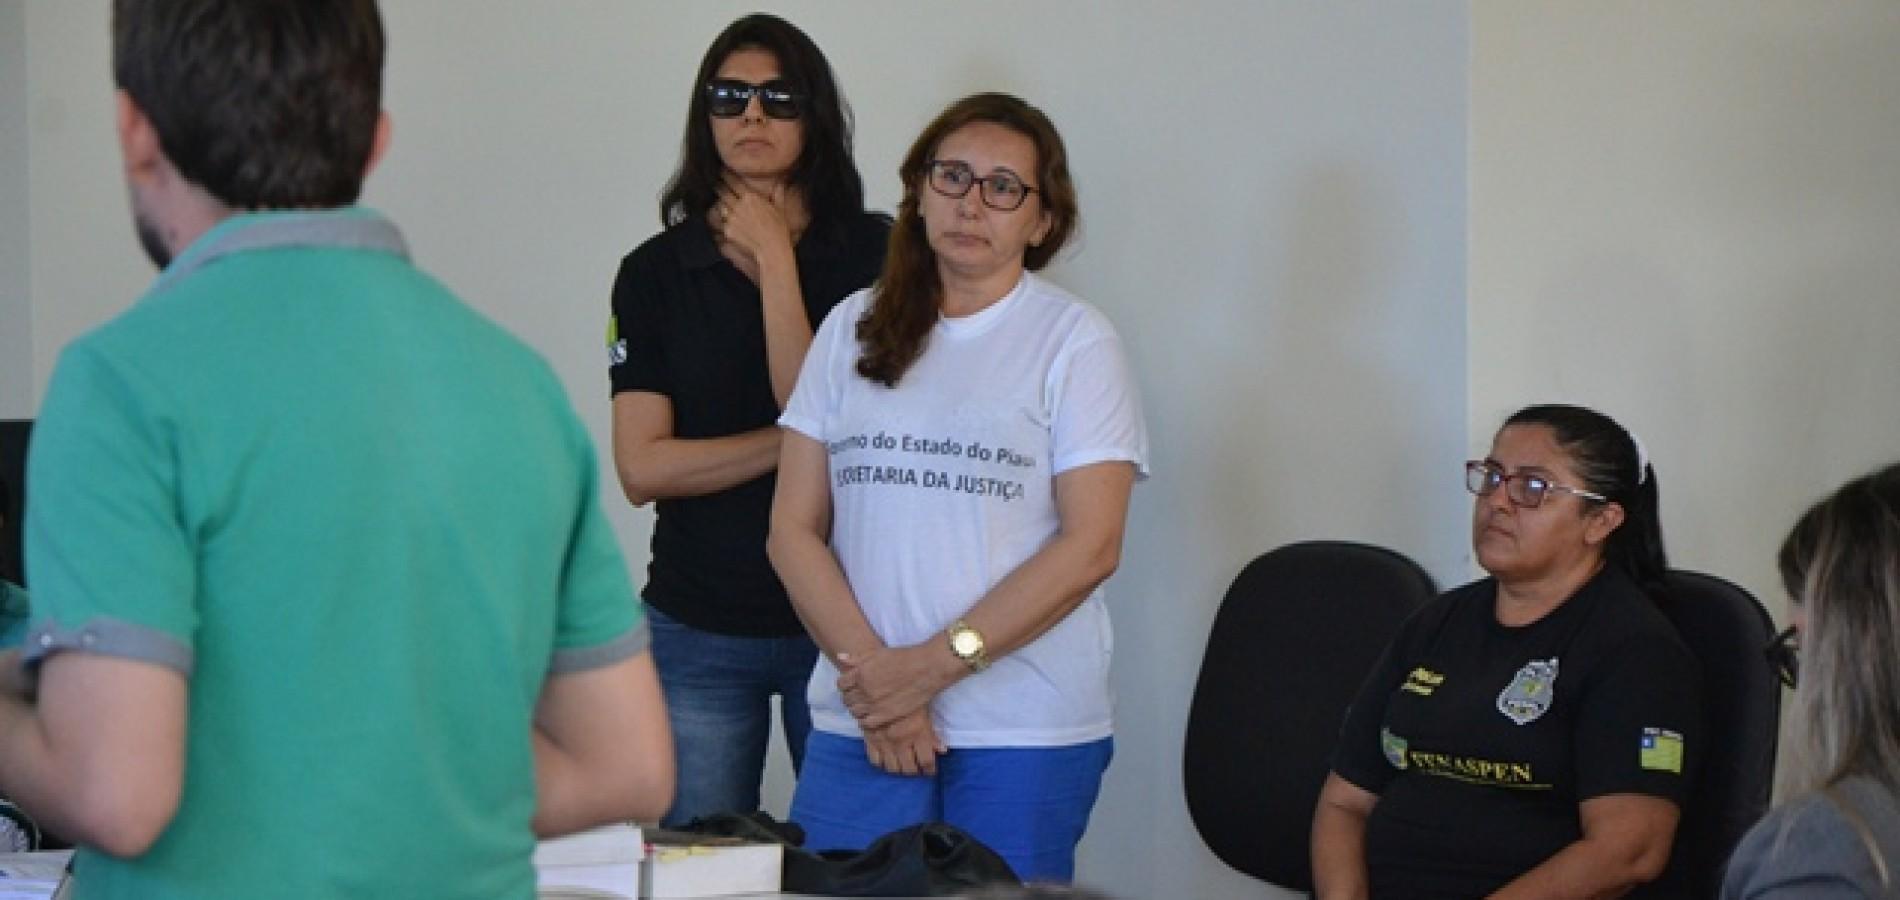 Julgamento de mulher acusada de mandar matar o marido é suspenso